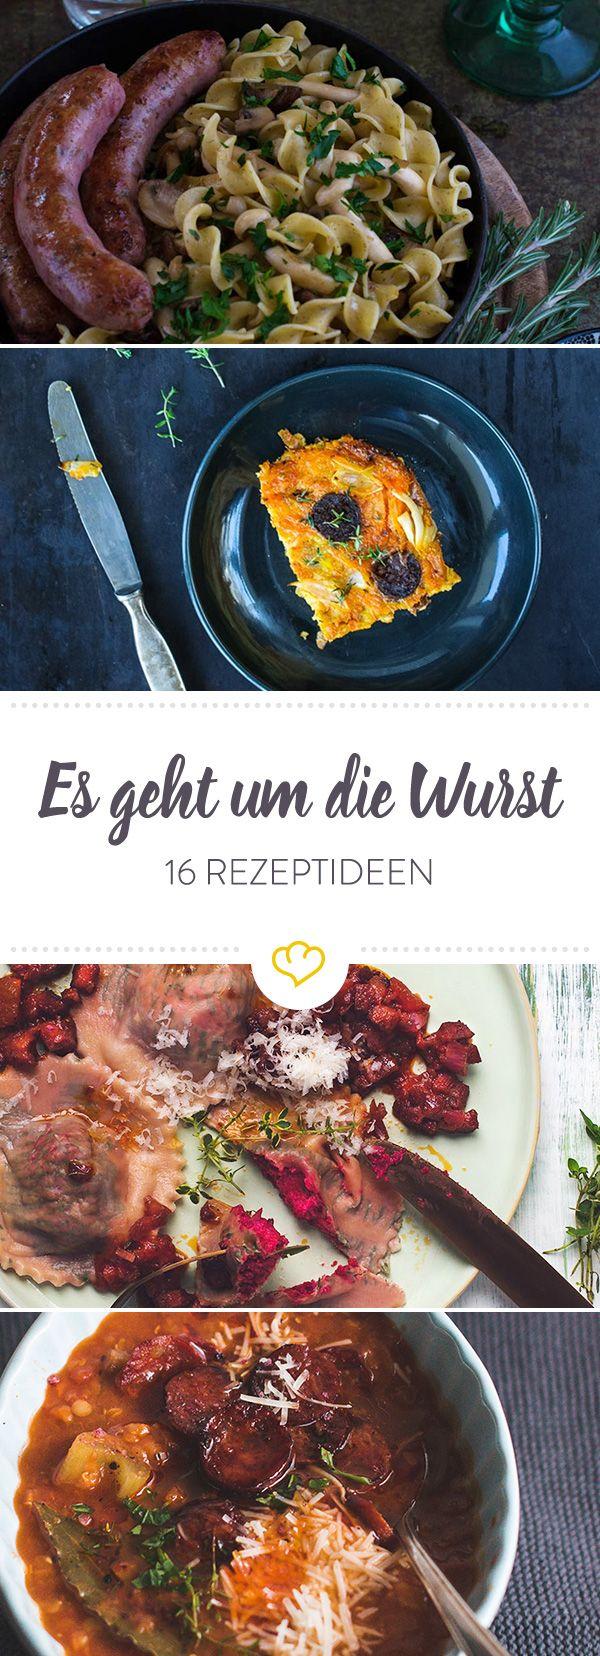 Wenn sie auf dem Grill brutzeln, bekommt jeder heftigen Würstchen-Hunger. Aber auch im Eintopf oder in der Pastasauce machen sie eine gute Figur. 16 Ideen